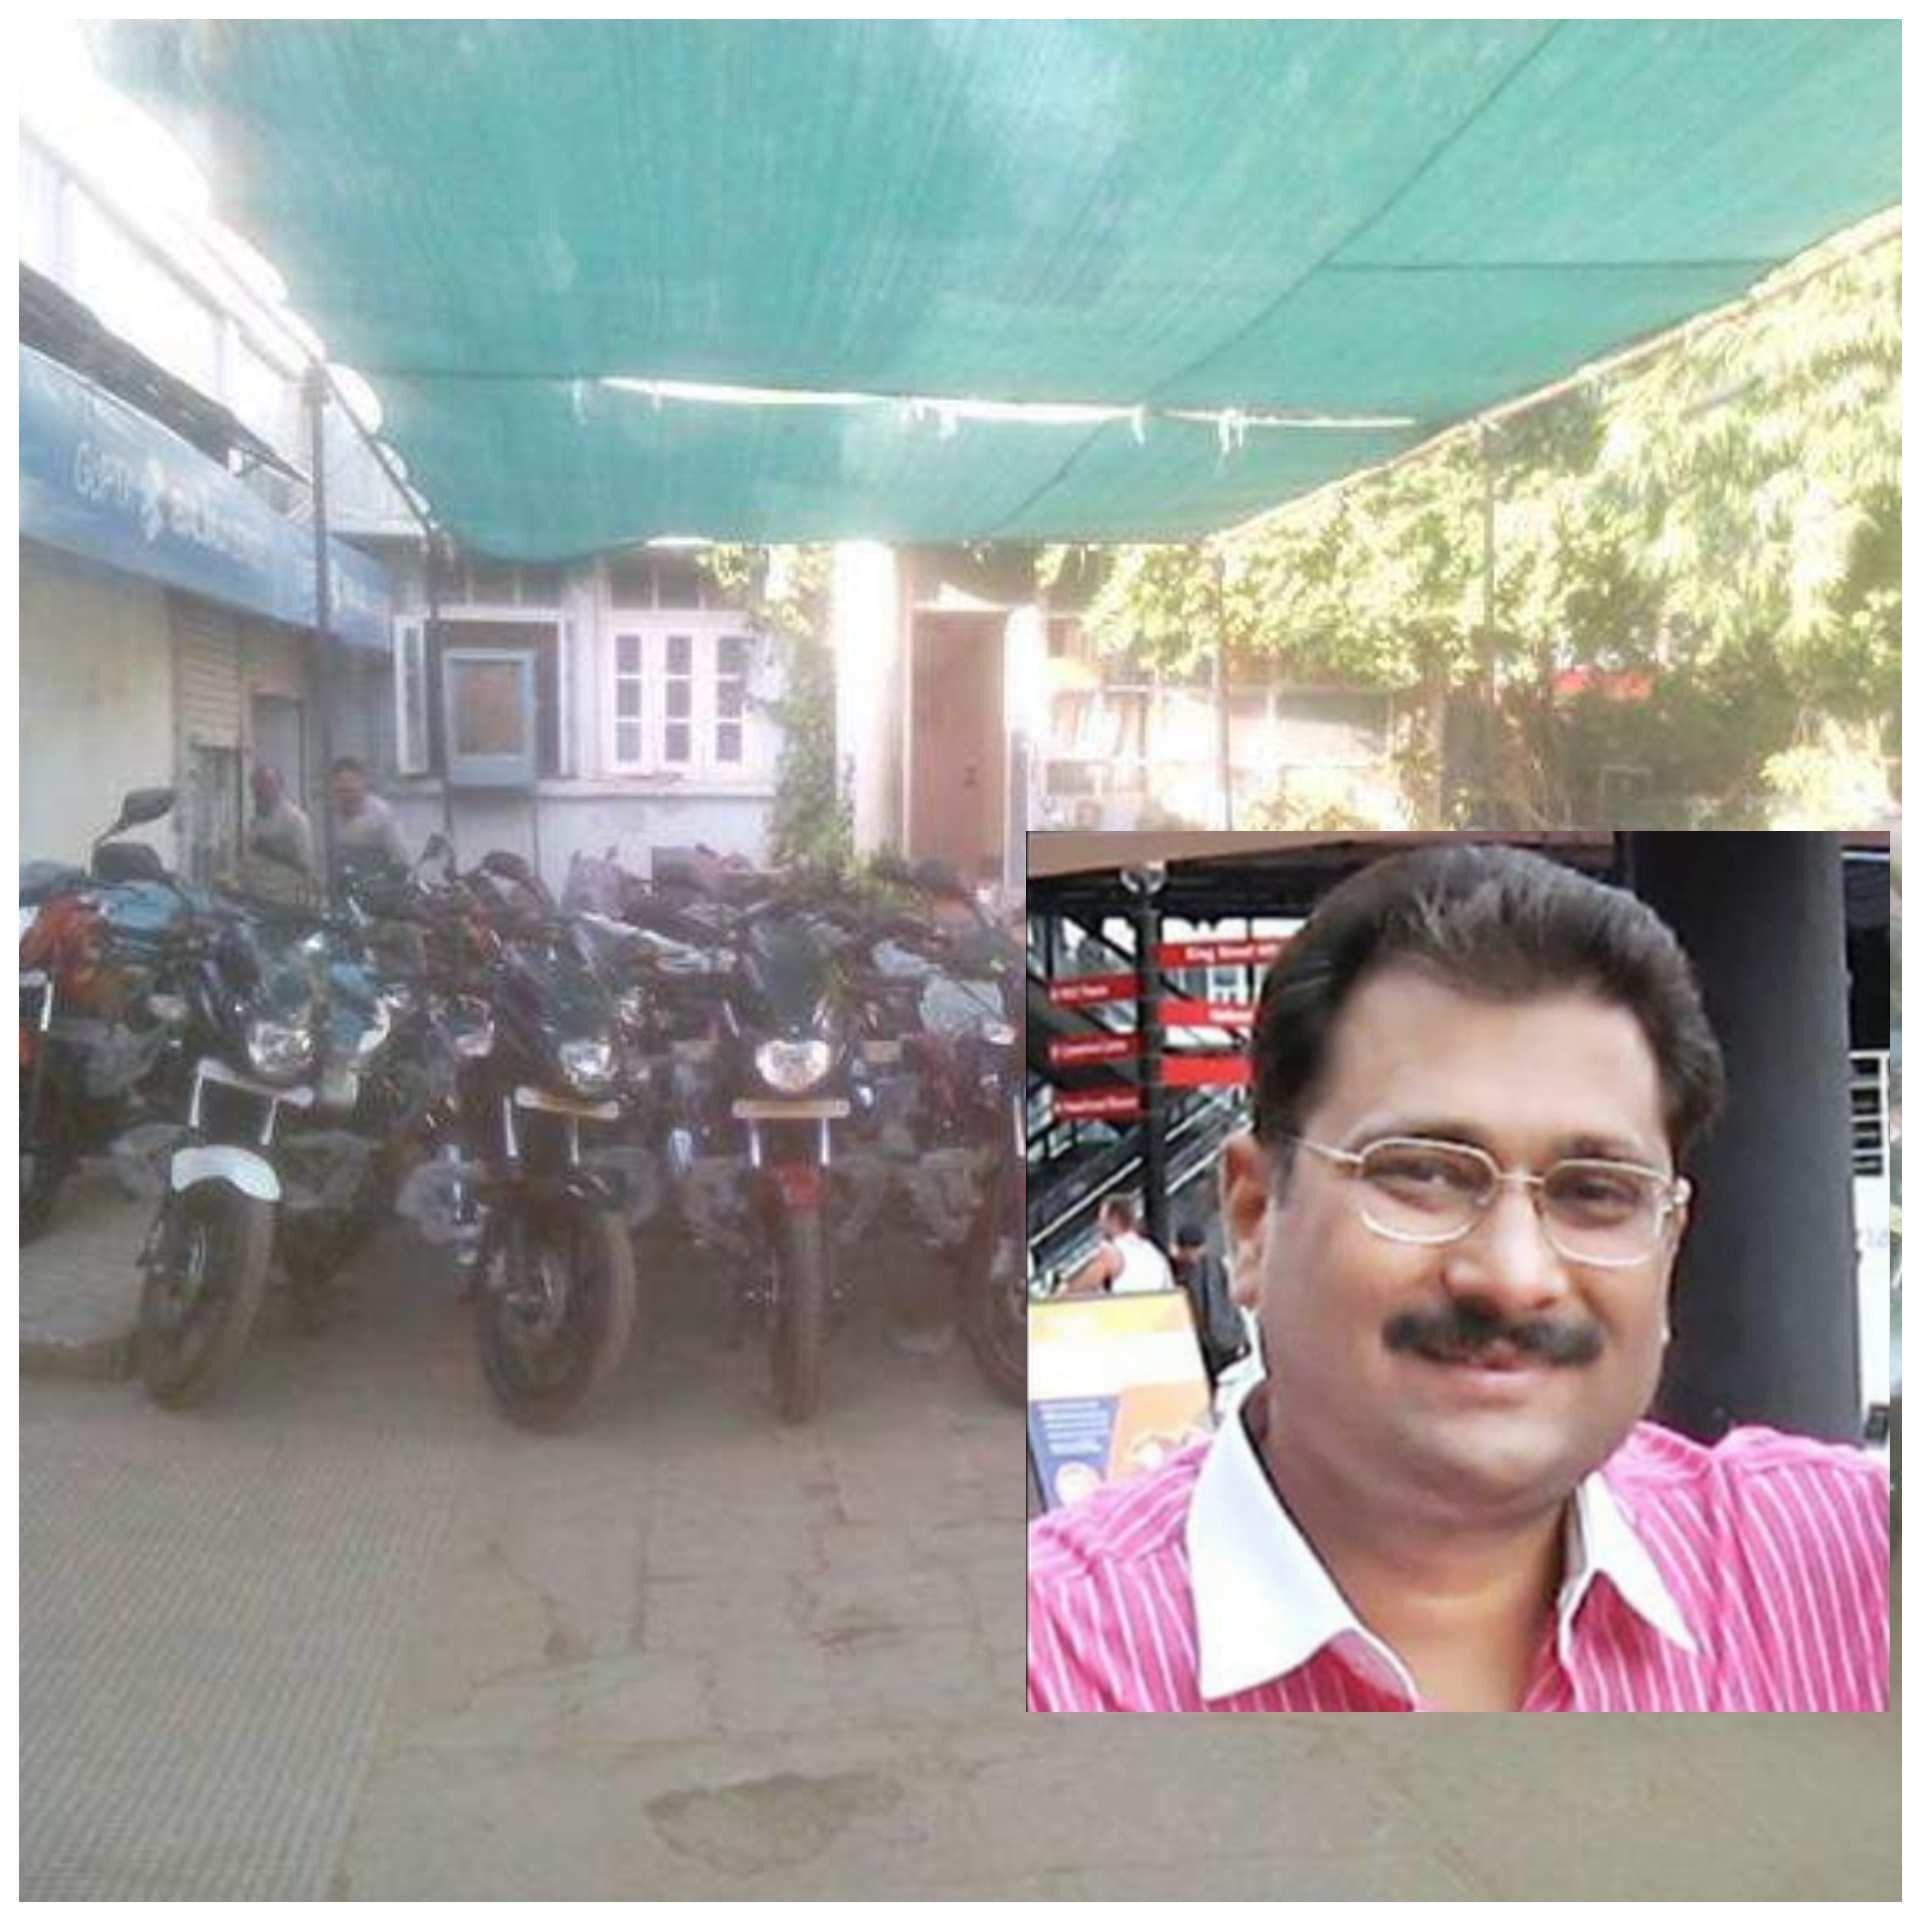 बजाज शोरूम गुप्ता एंड संस के मालिक सुनील गुप्ता के दीवालिया मामले में लेनदार करेंगे विरोध